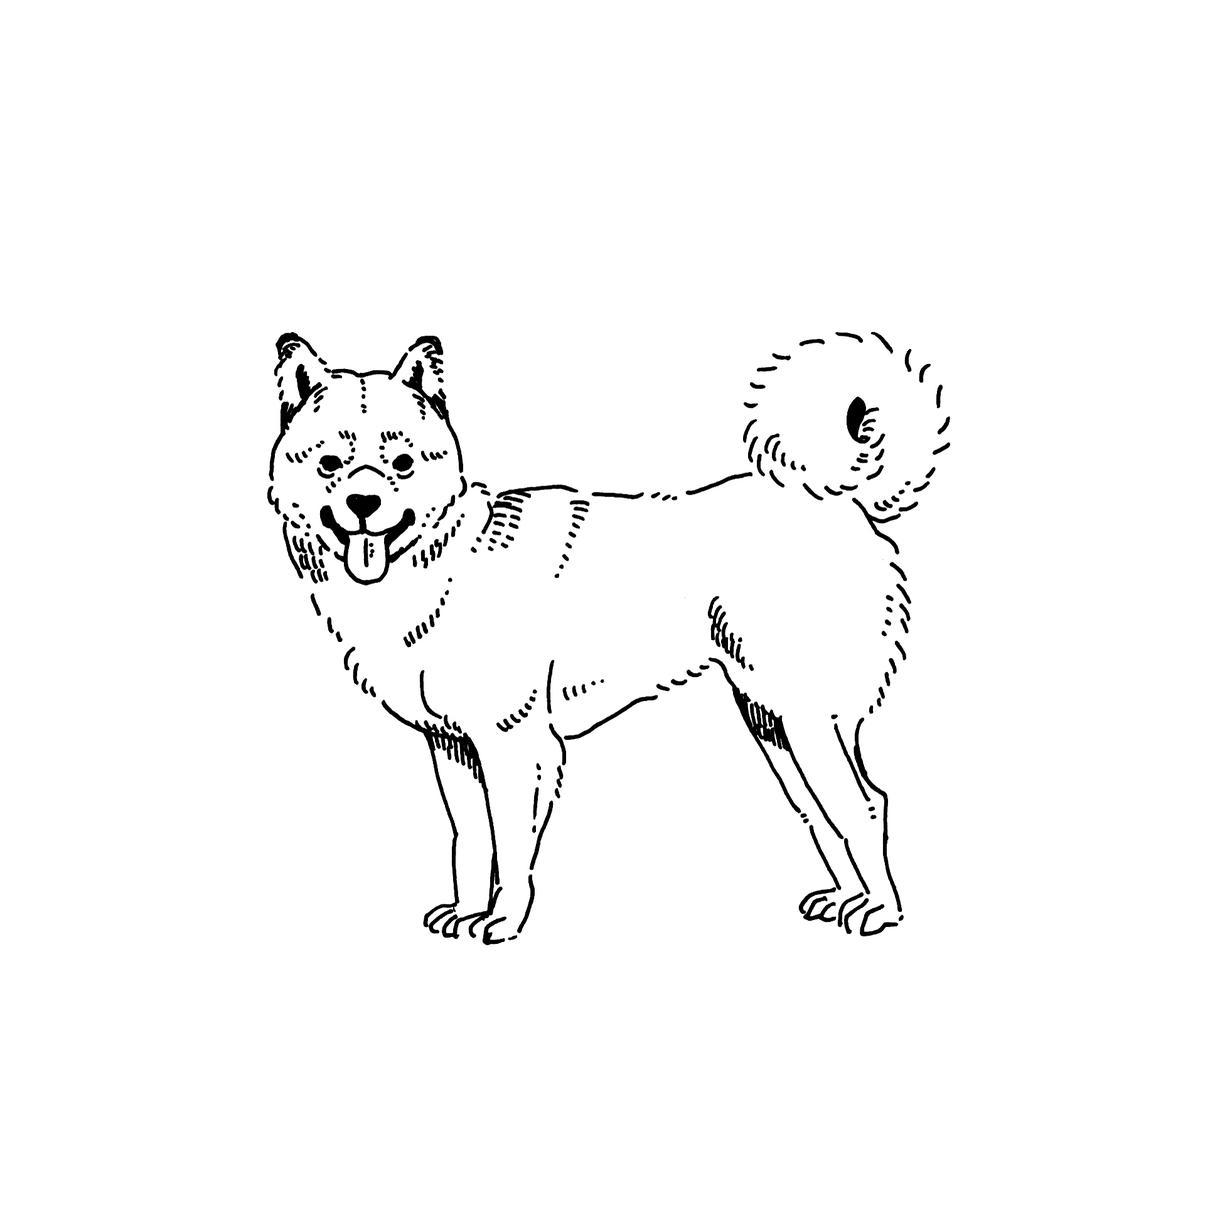 カットイラスト、DM描きます 動物と女の子のイラストが大得意、柔らかな線のイラストです。